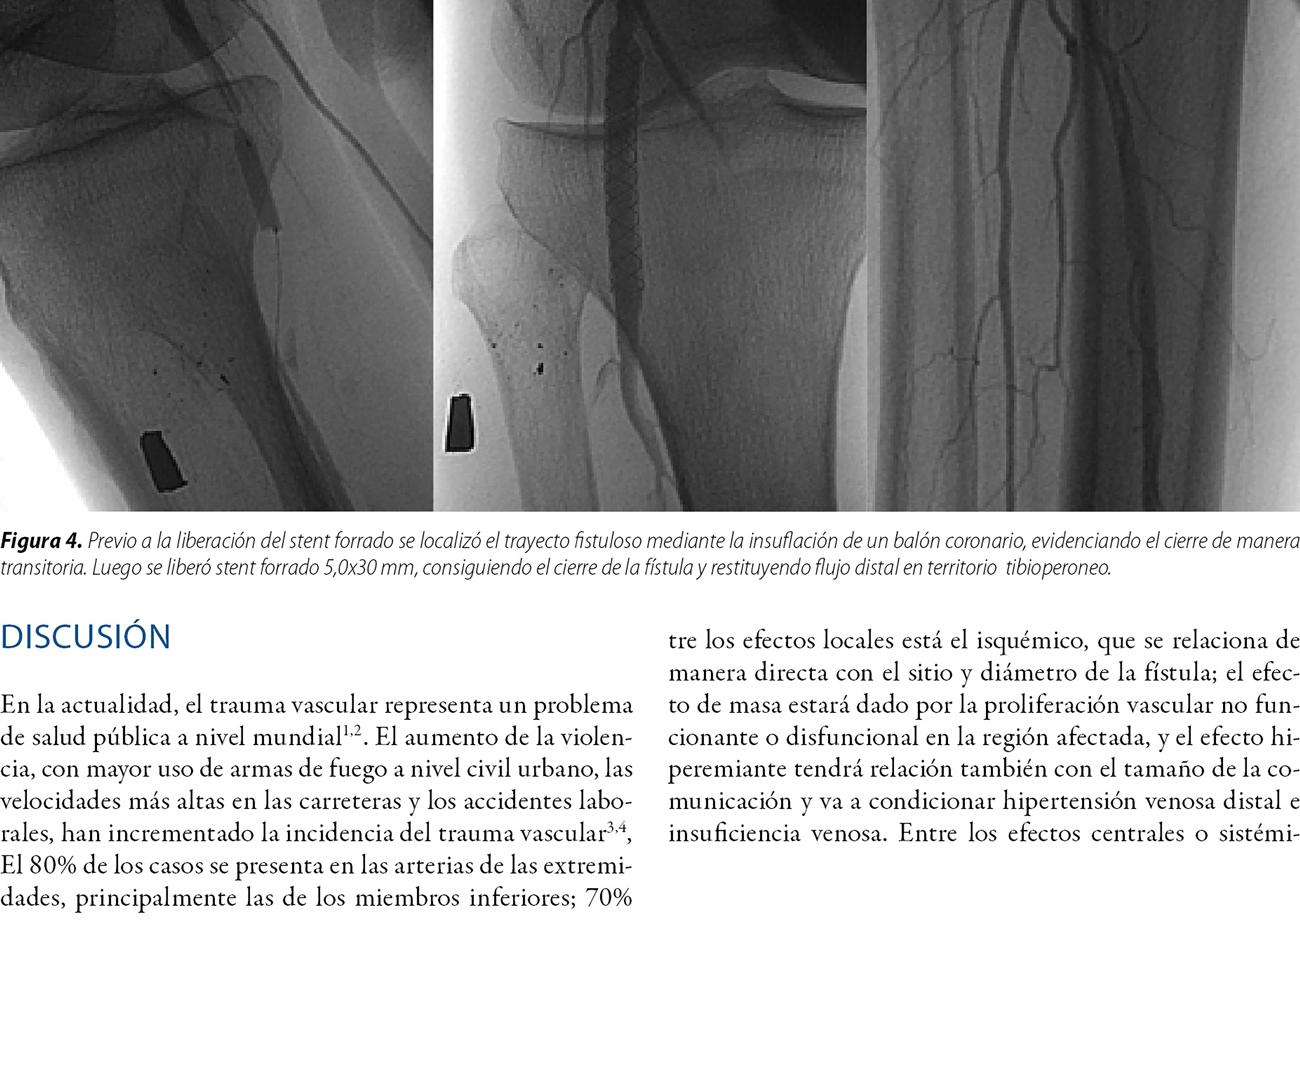 Fístula arteriovenosa de origen traumático. Resolución endovascular